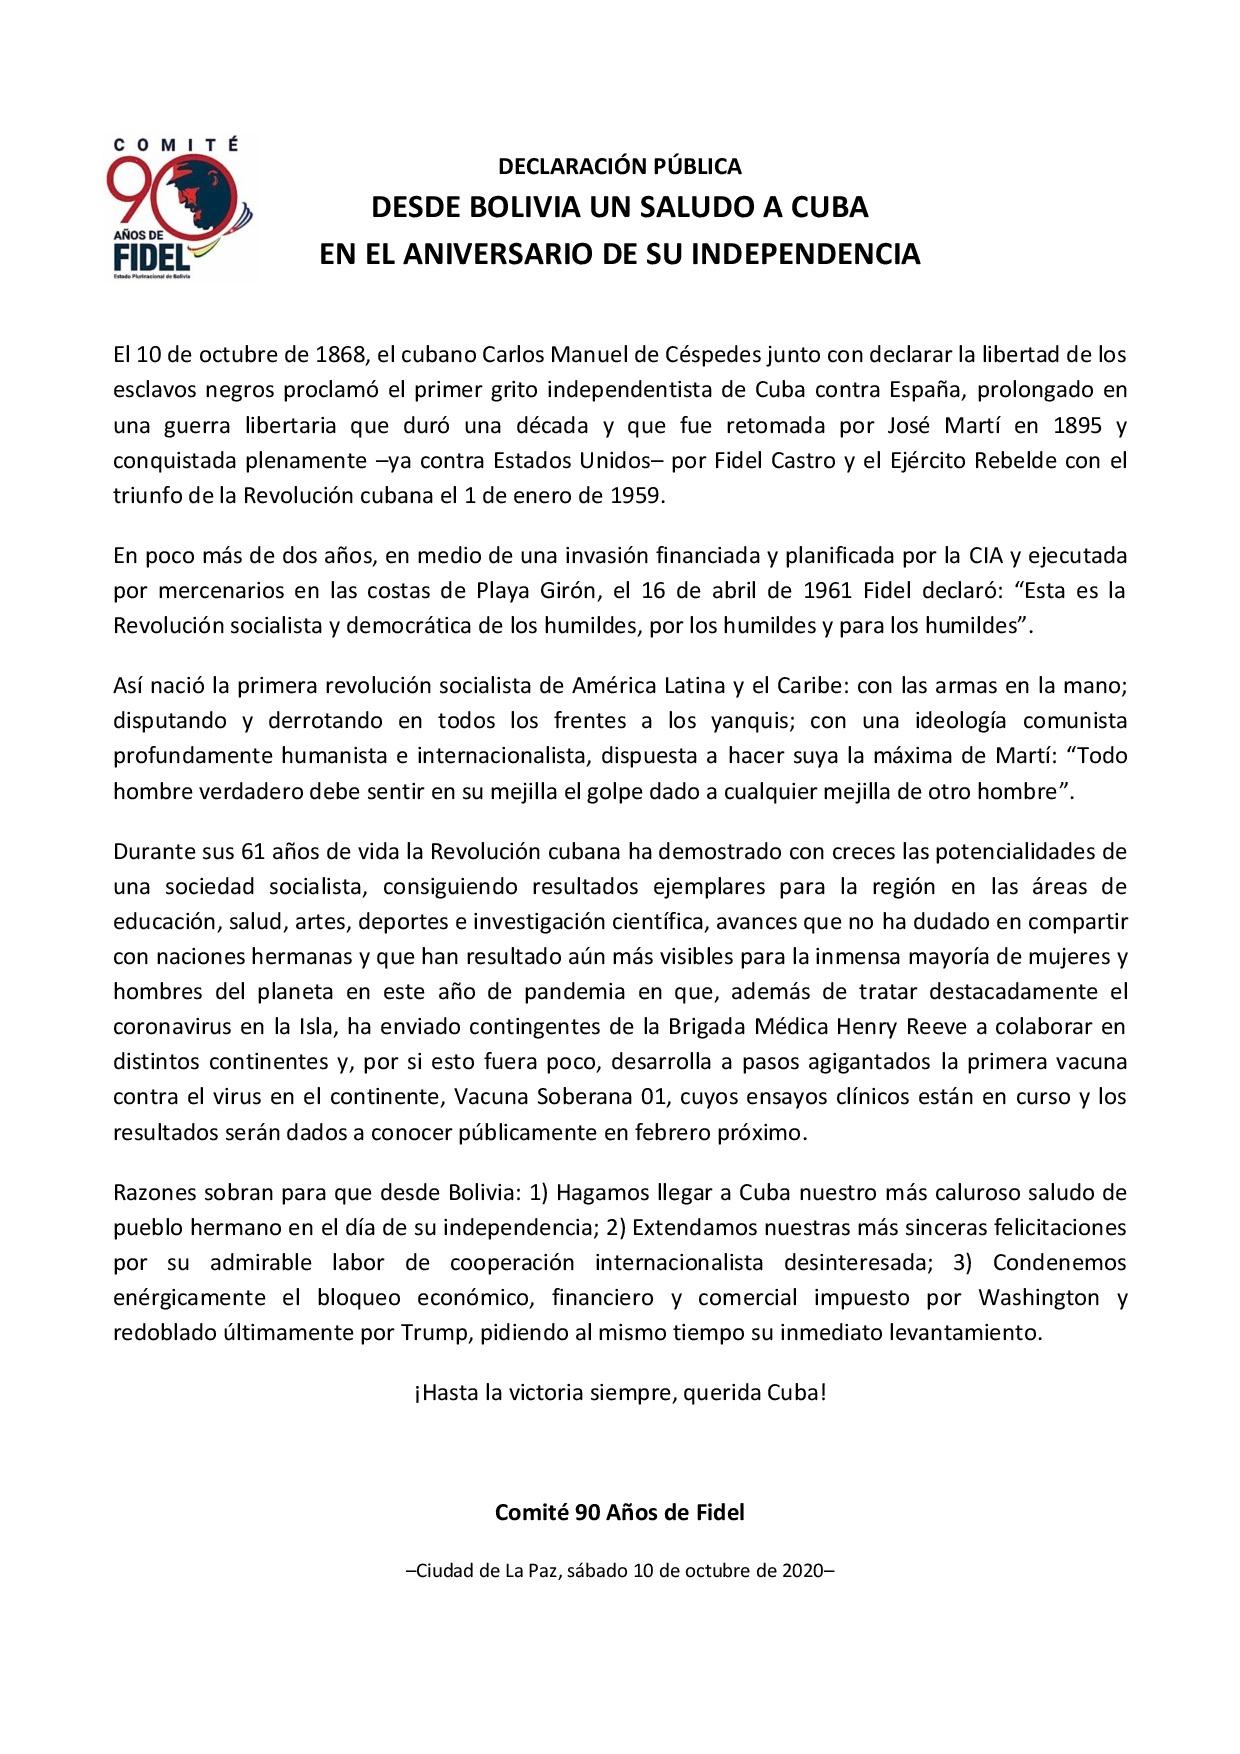 Declaración pública. Saludo a Cuba (Comité 90 Años de Fidel-Bolivia)